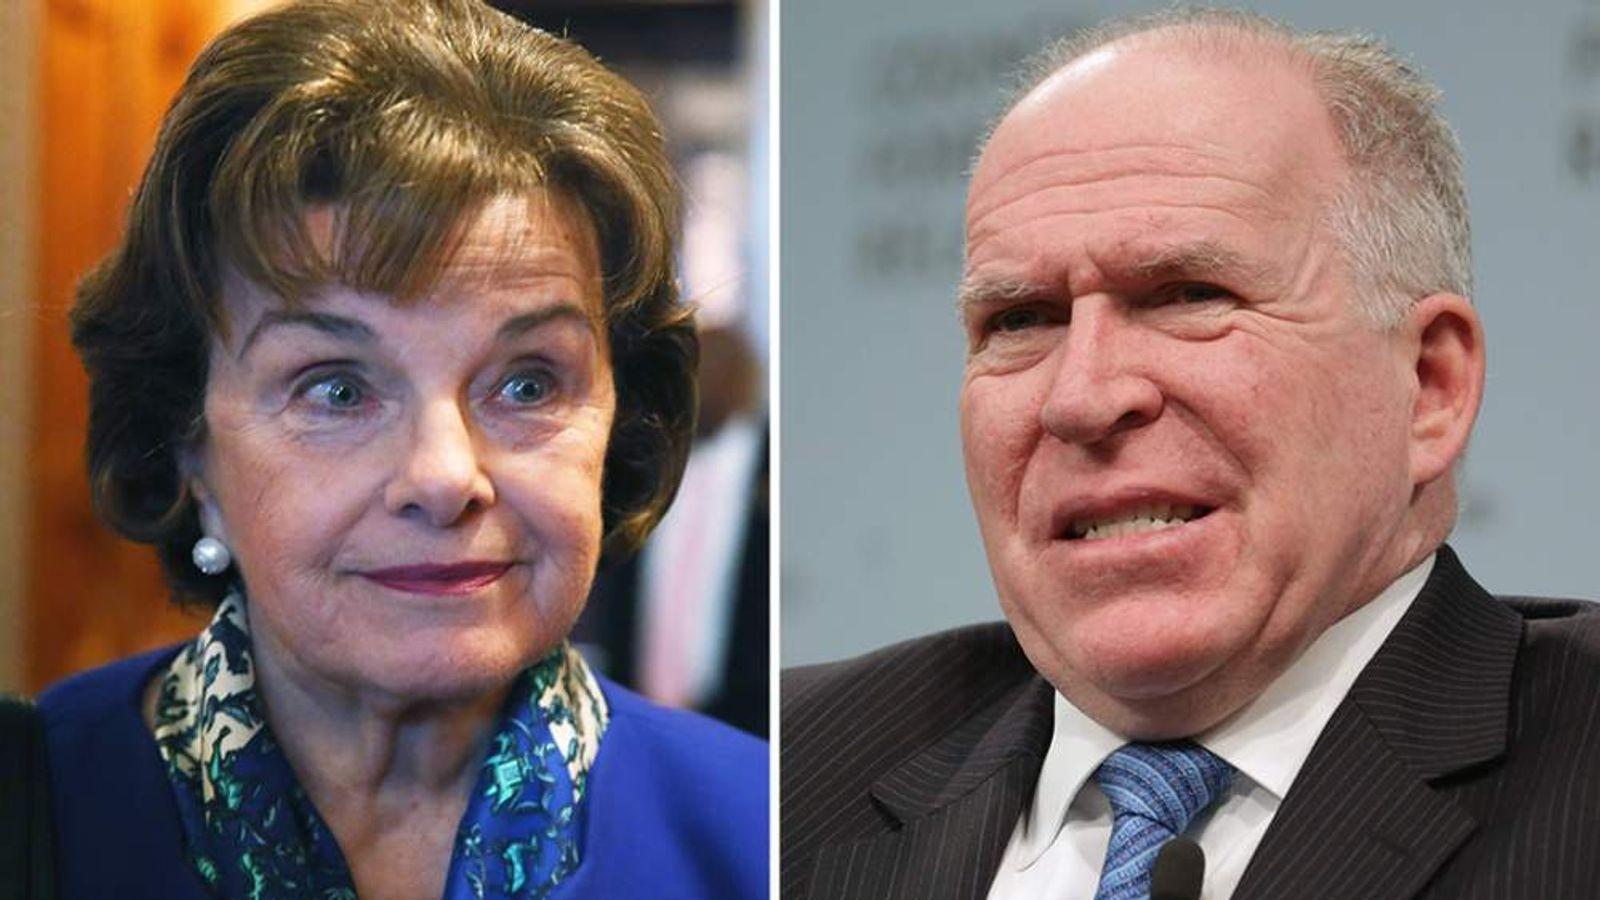 Senator Dianne Feinstein and CIA director John Brennan